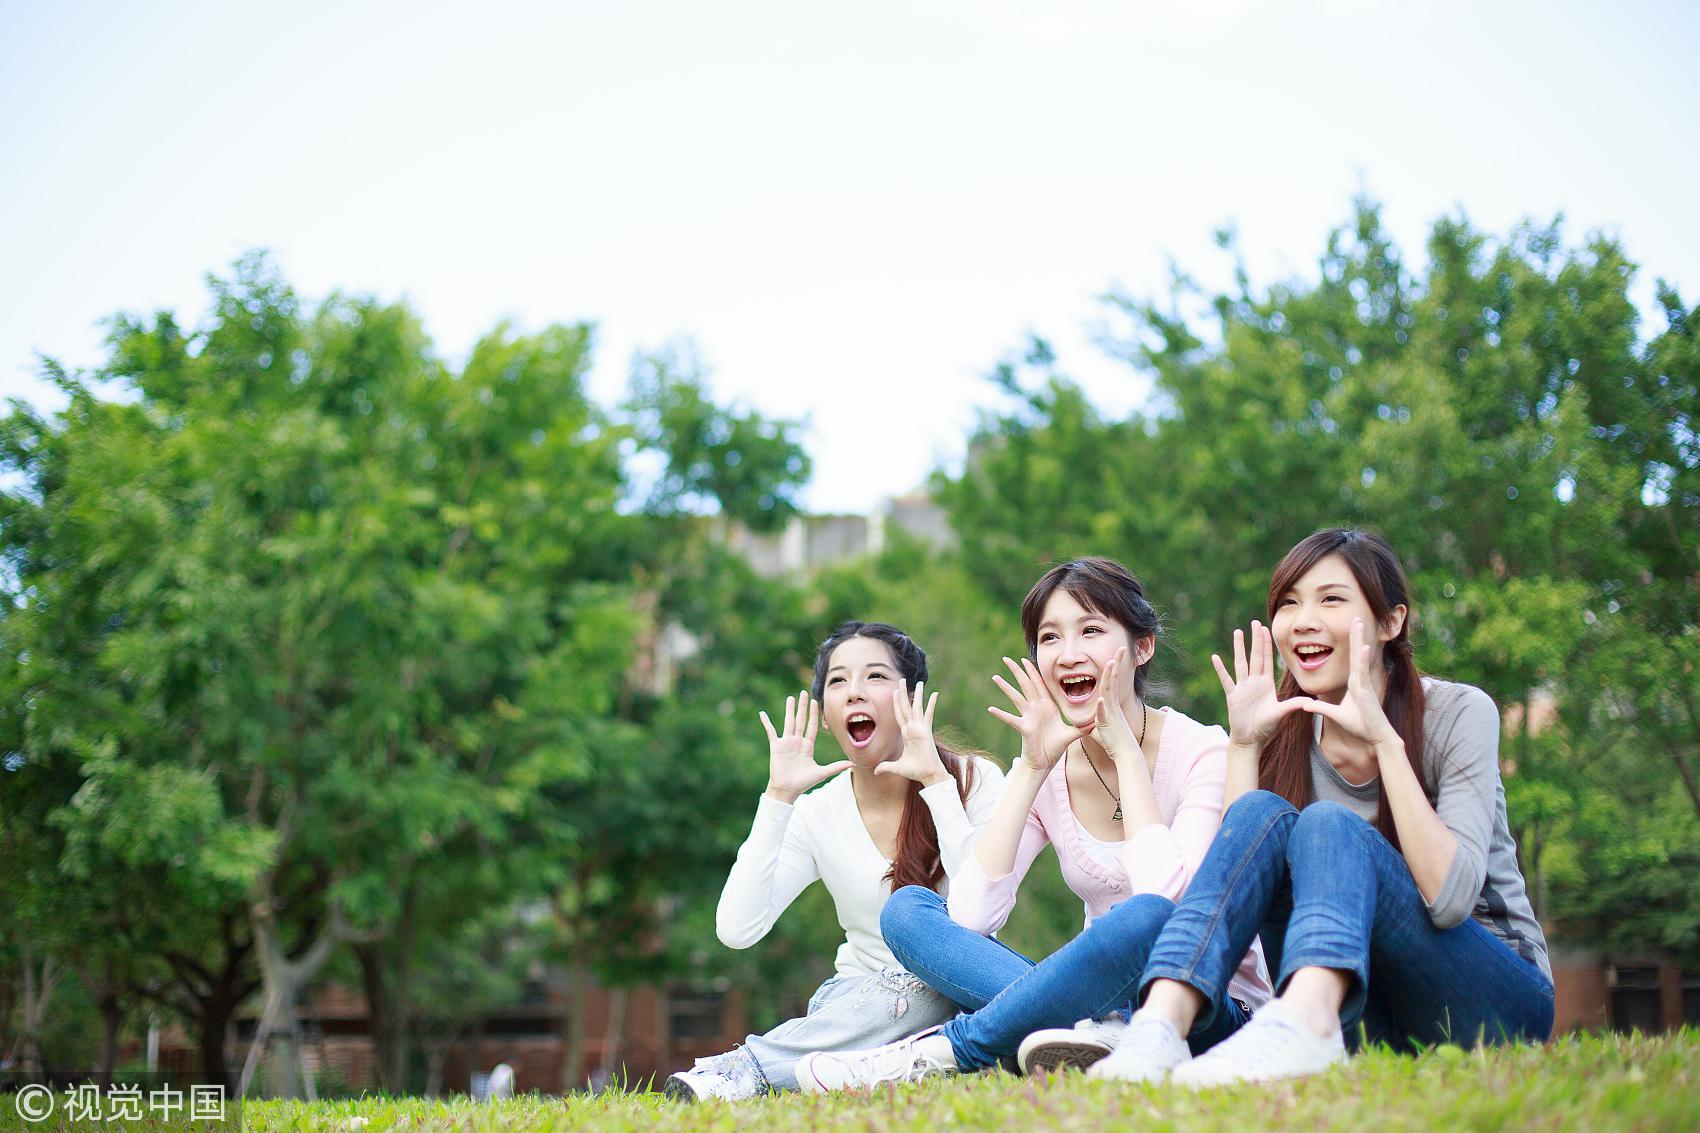 台高中校长:台青年赴陆求学已成趋势 是人生投资